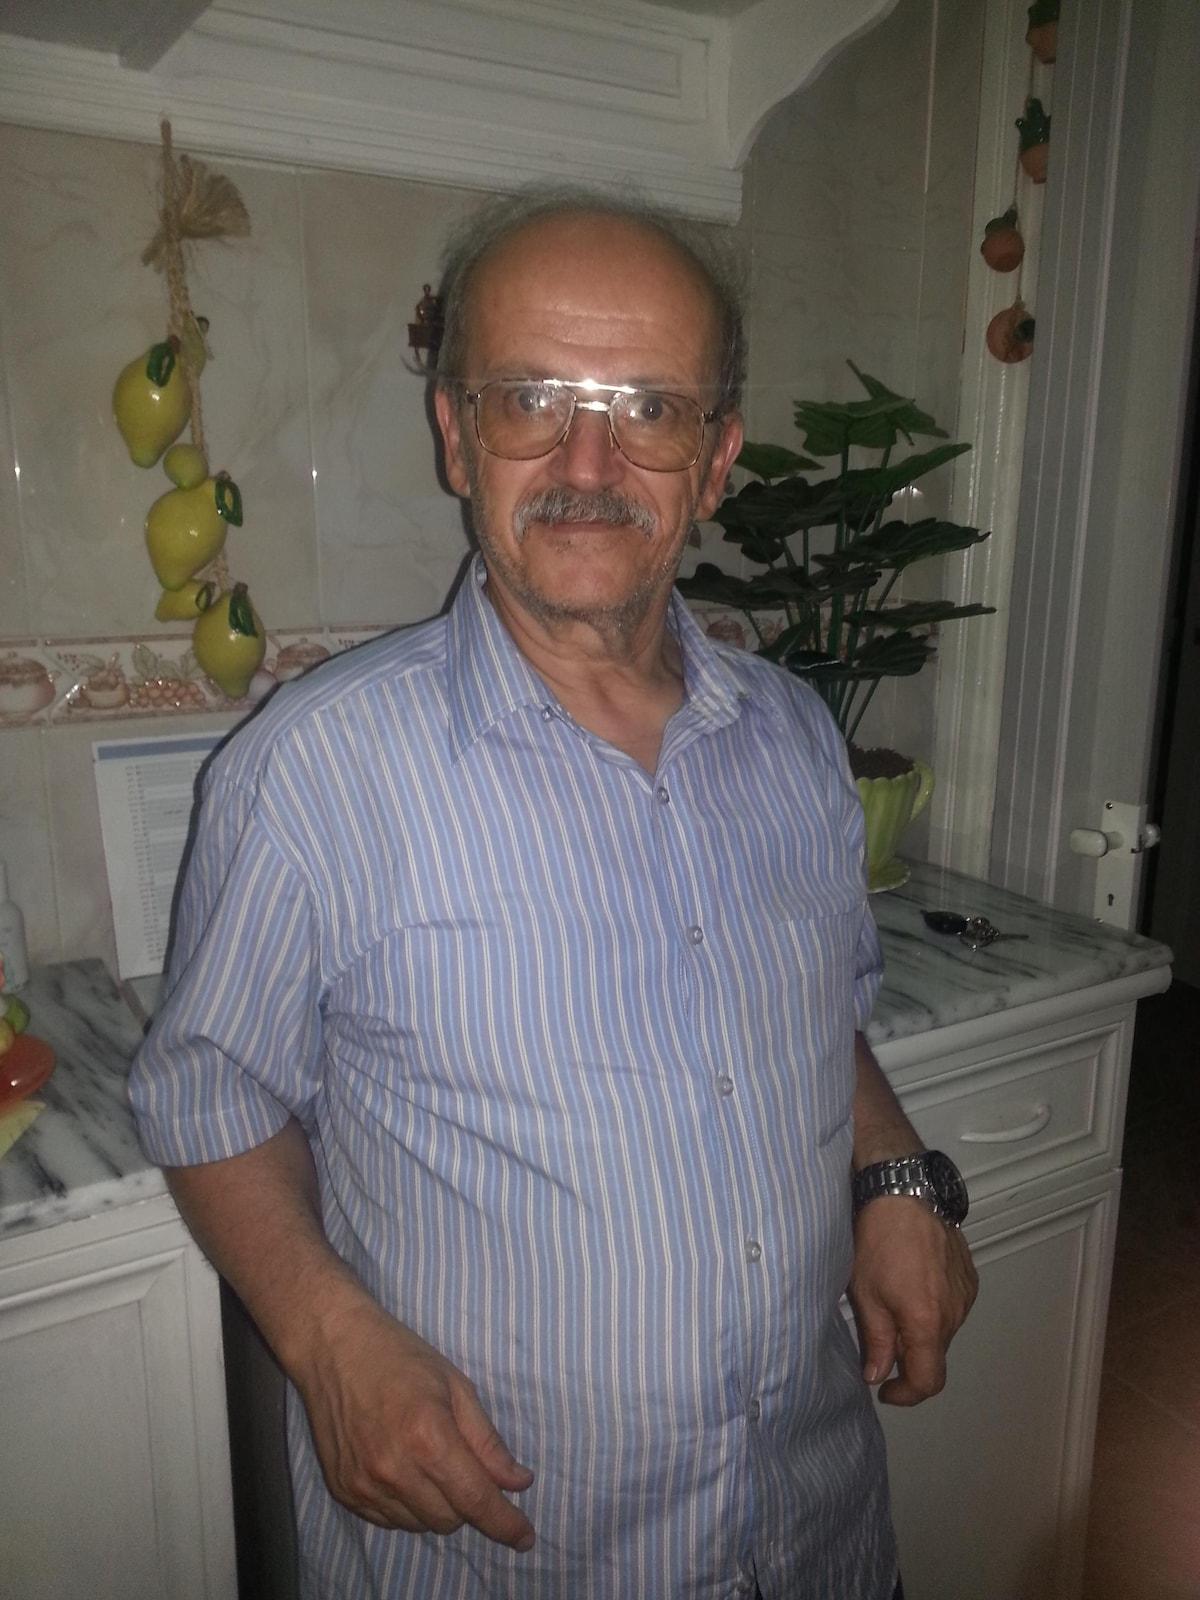 Mohamed Elmahi